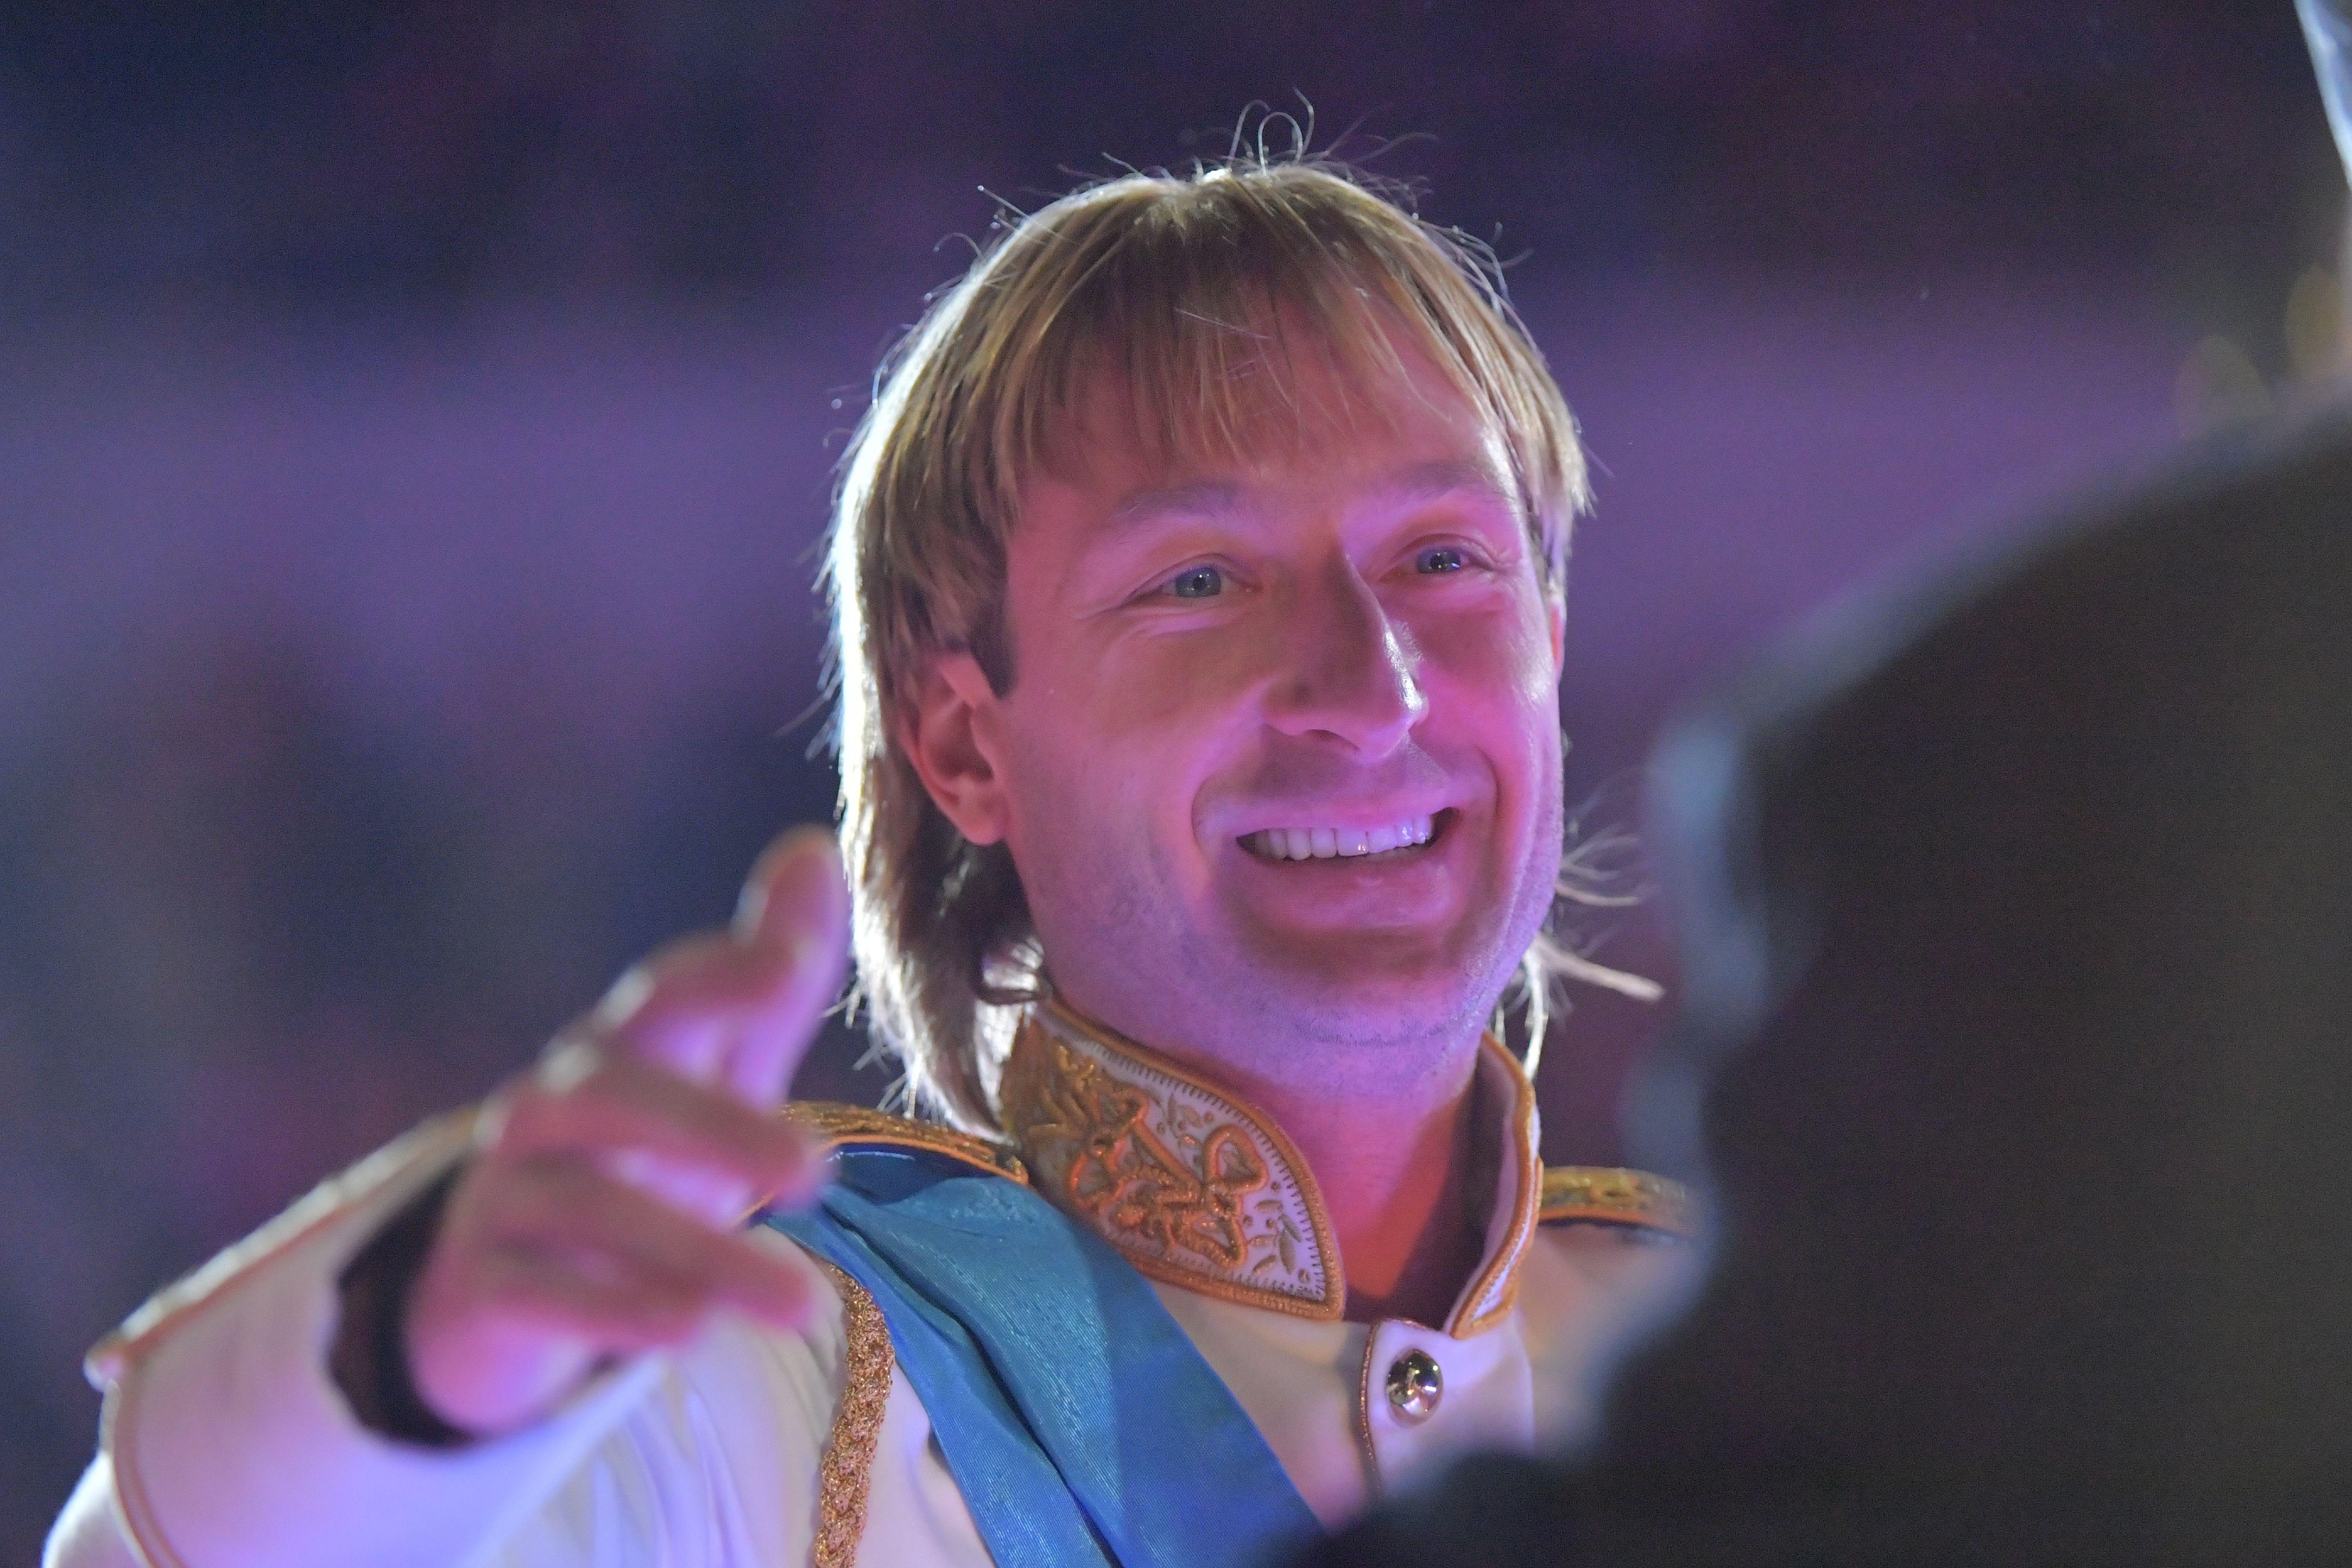 Тренер Плющенко рассказал, как бы закончился бой с хореографом Тутберидзе